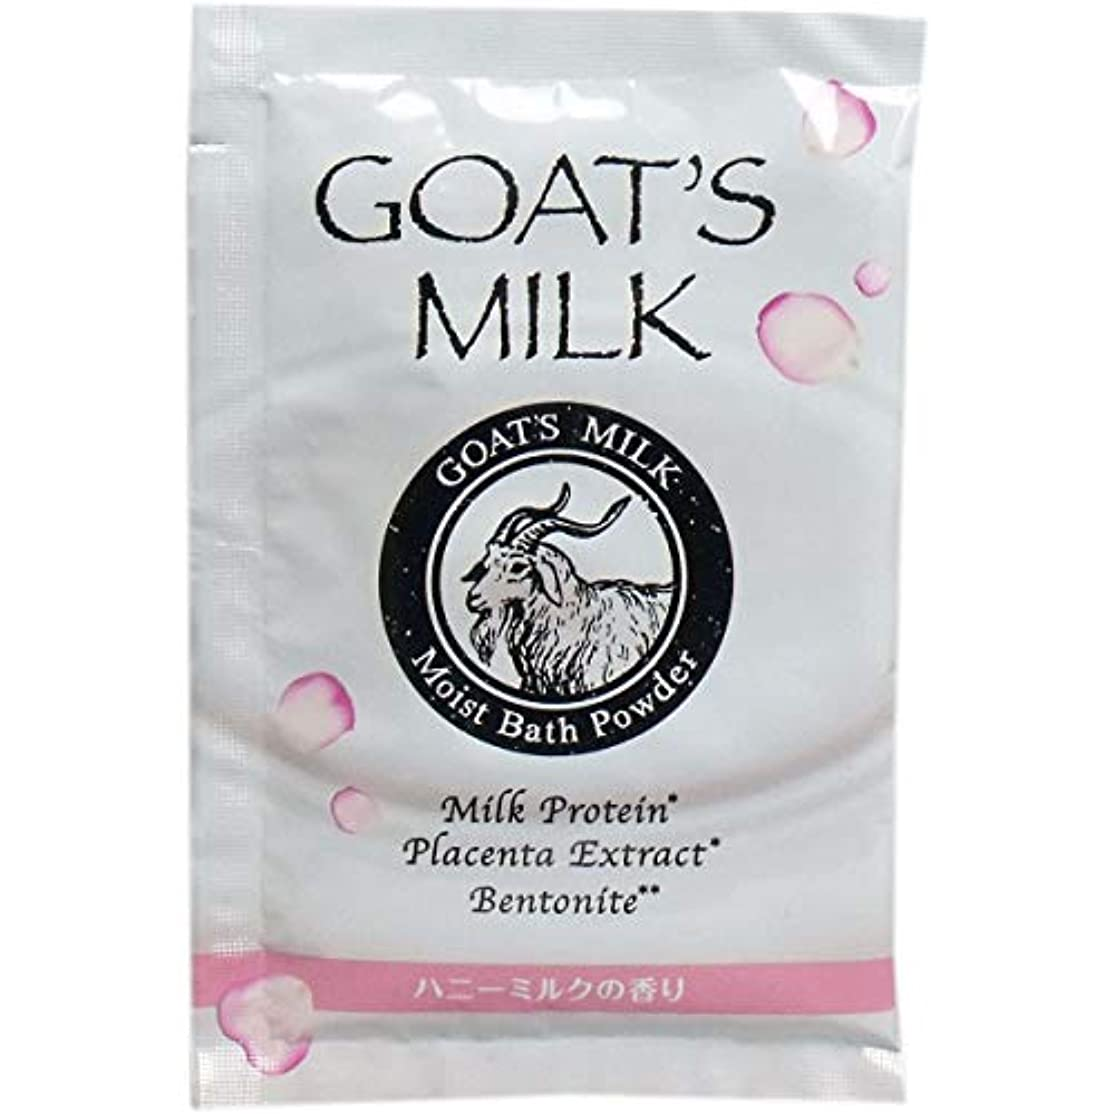 誕生ディベート排除GOAT'S MILK(ゴートミルク) スキンバス入浴剤 ハニーミルクの香り 50g入